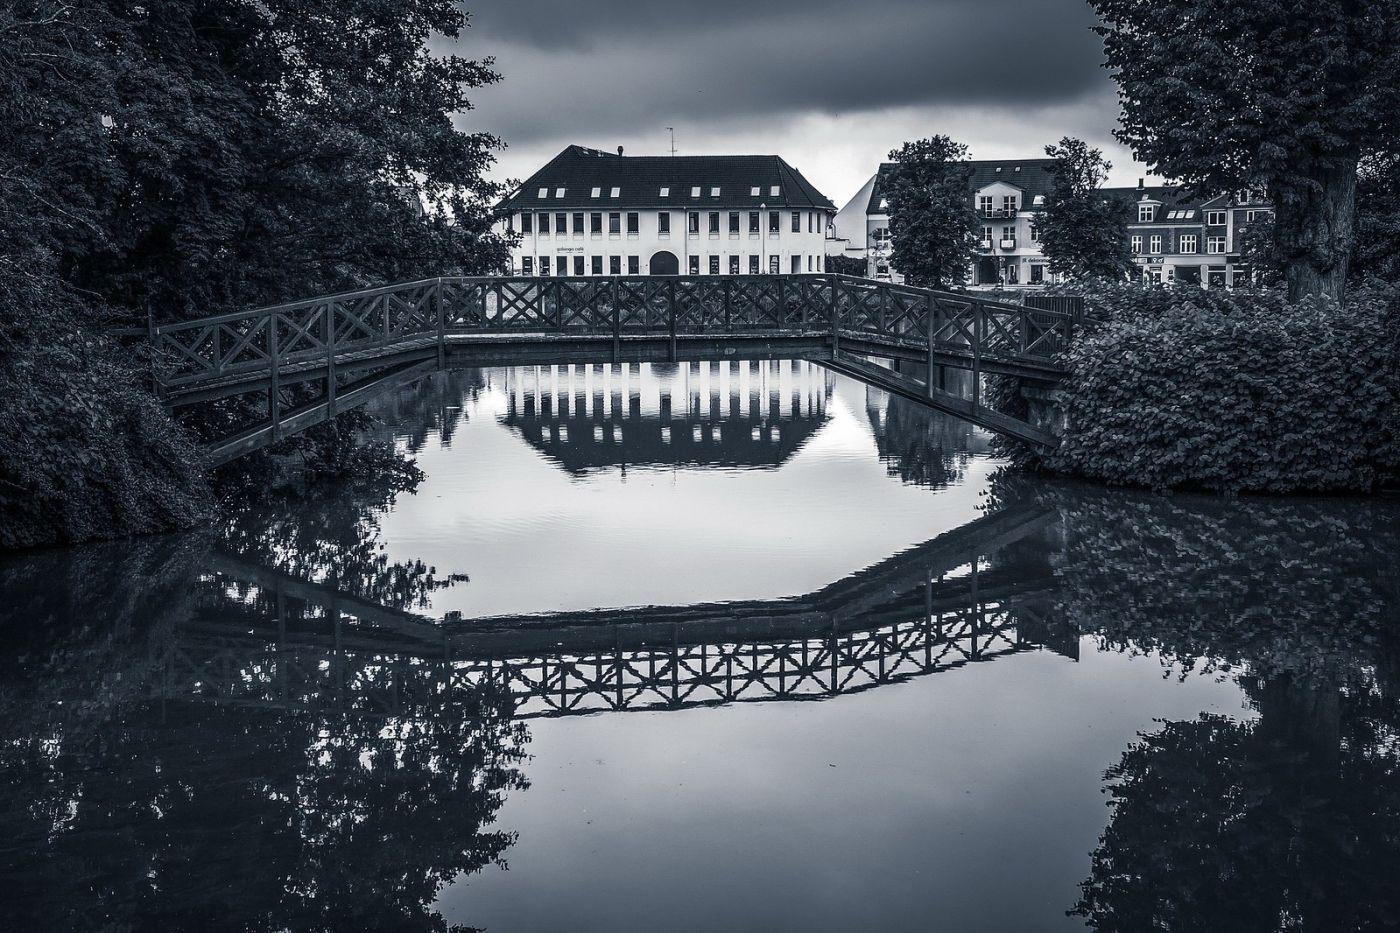 丹麦腓特烈堡城堡,回看历史_图1-2